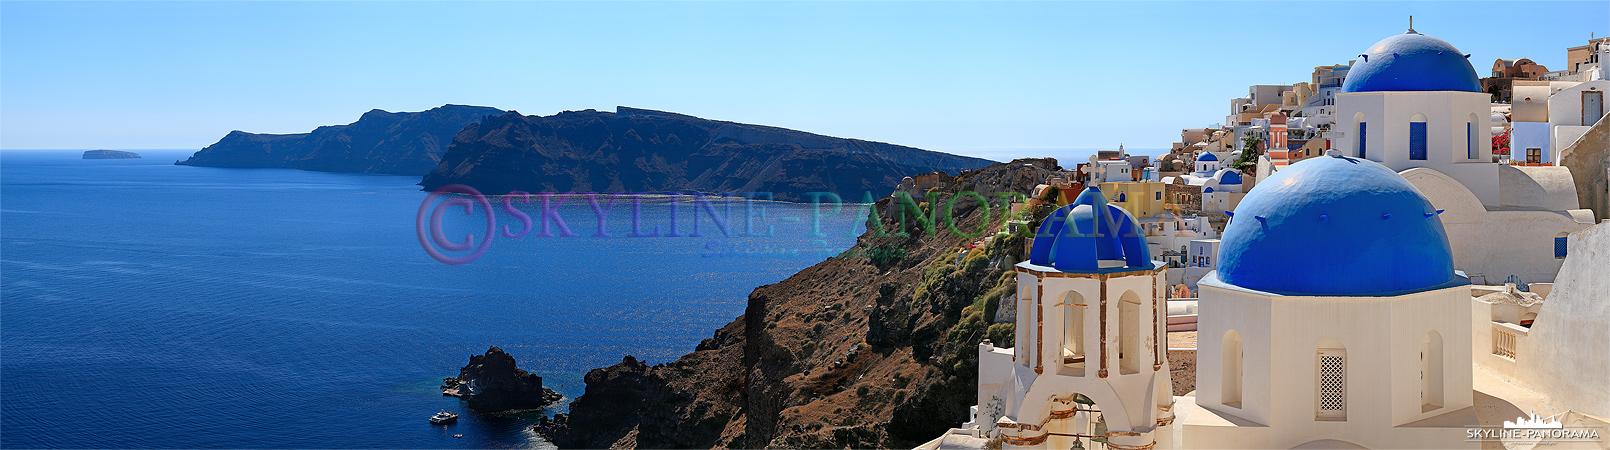 Blaue Kirchenkuppel - Kaum eine Kirchenkuppel auf Santorini ist nicht in den typischen und tratitionell griechischen Farben Weiß & Blau gestrichen.